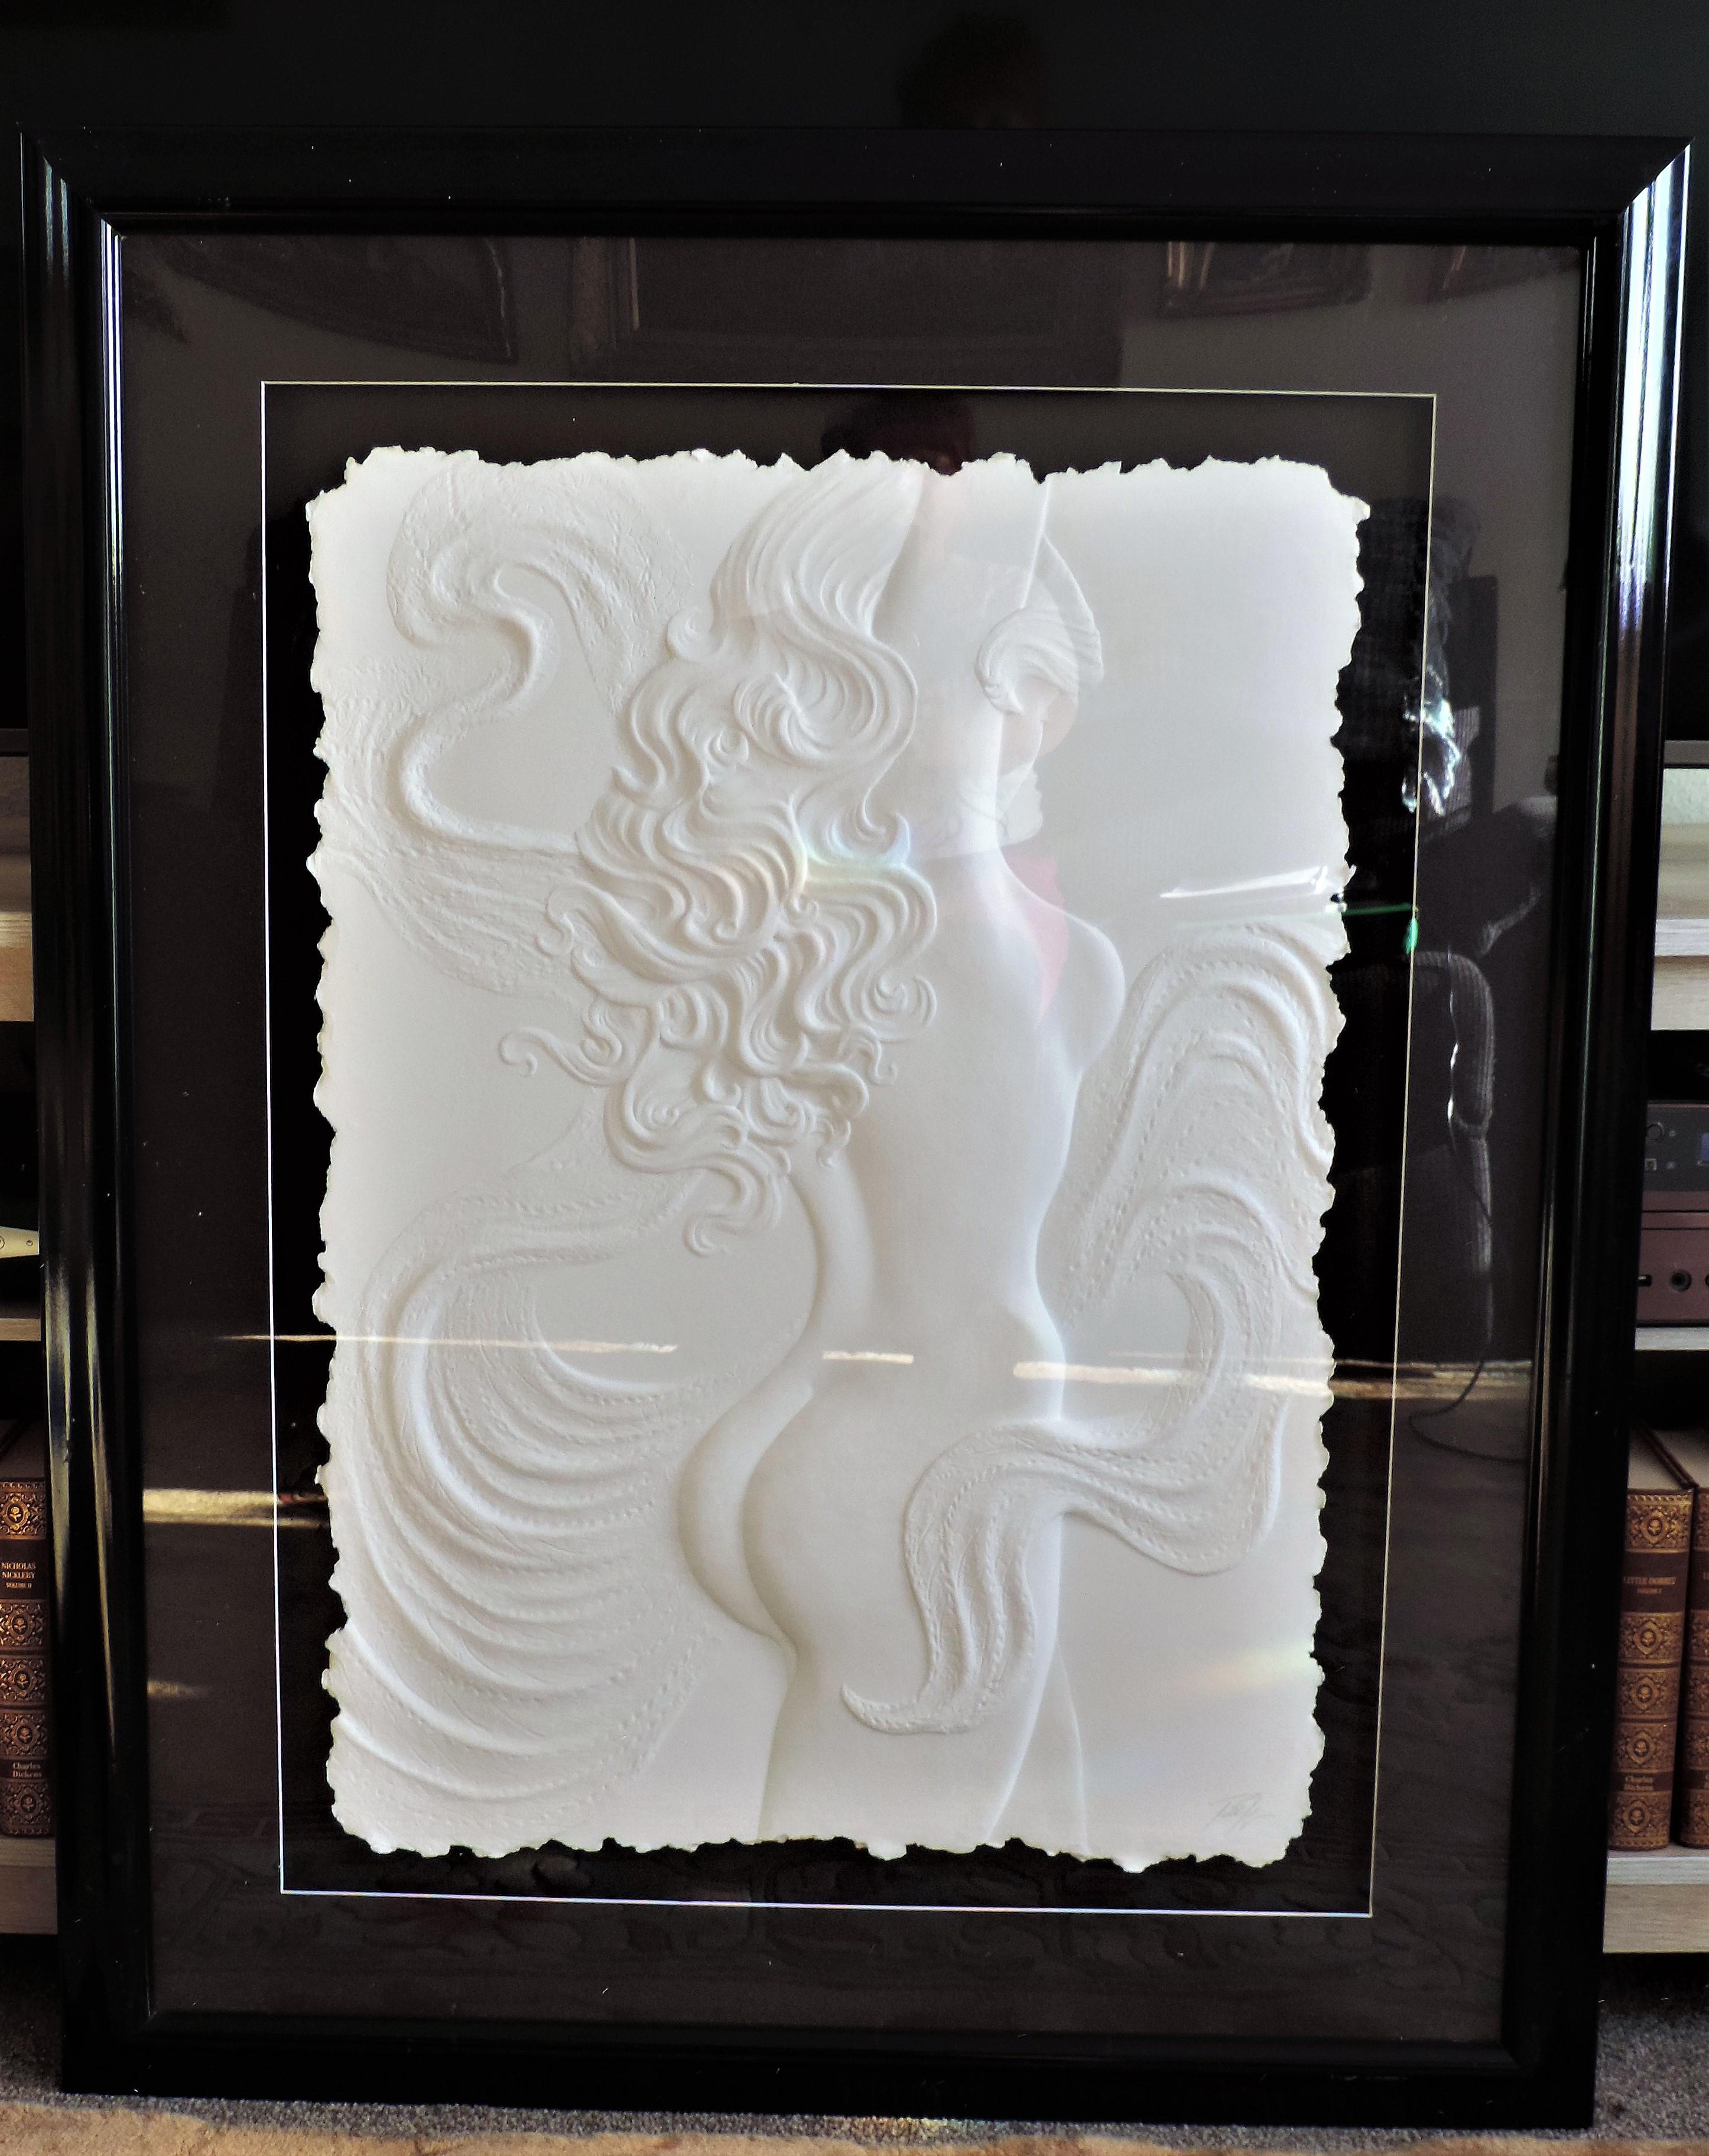 Roberta Peck 'Nude Dancer' Monotype Sculpture on Paper - Image 5 of 12